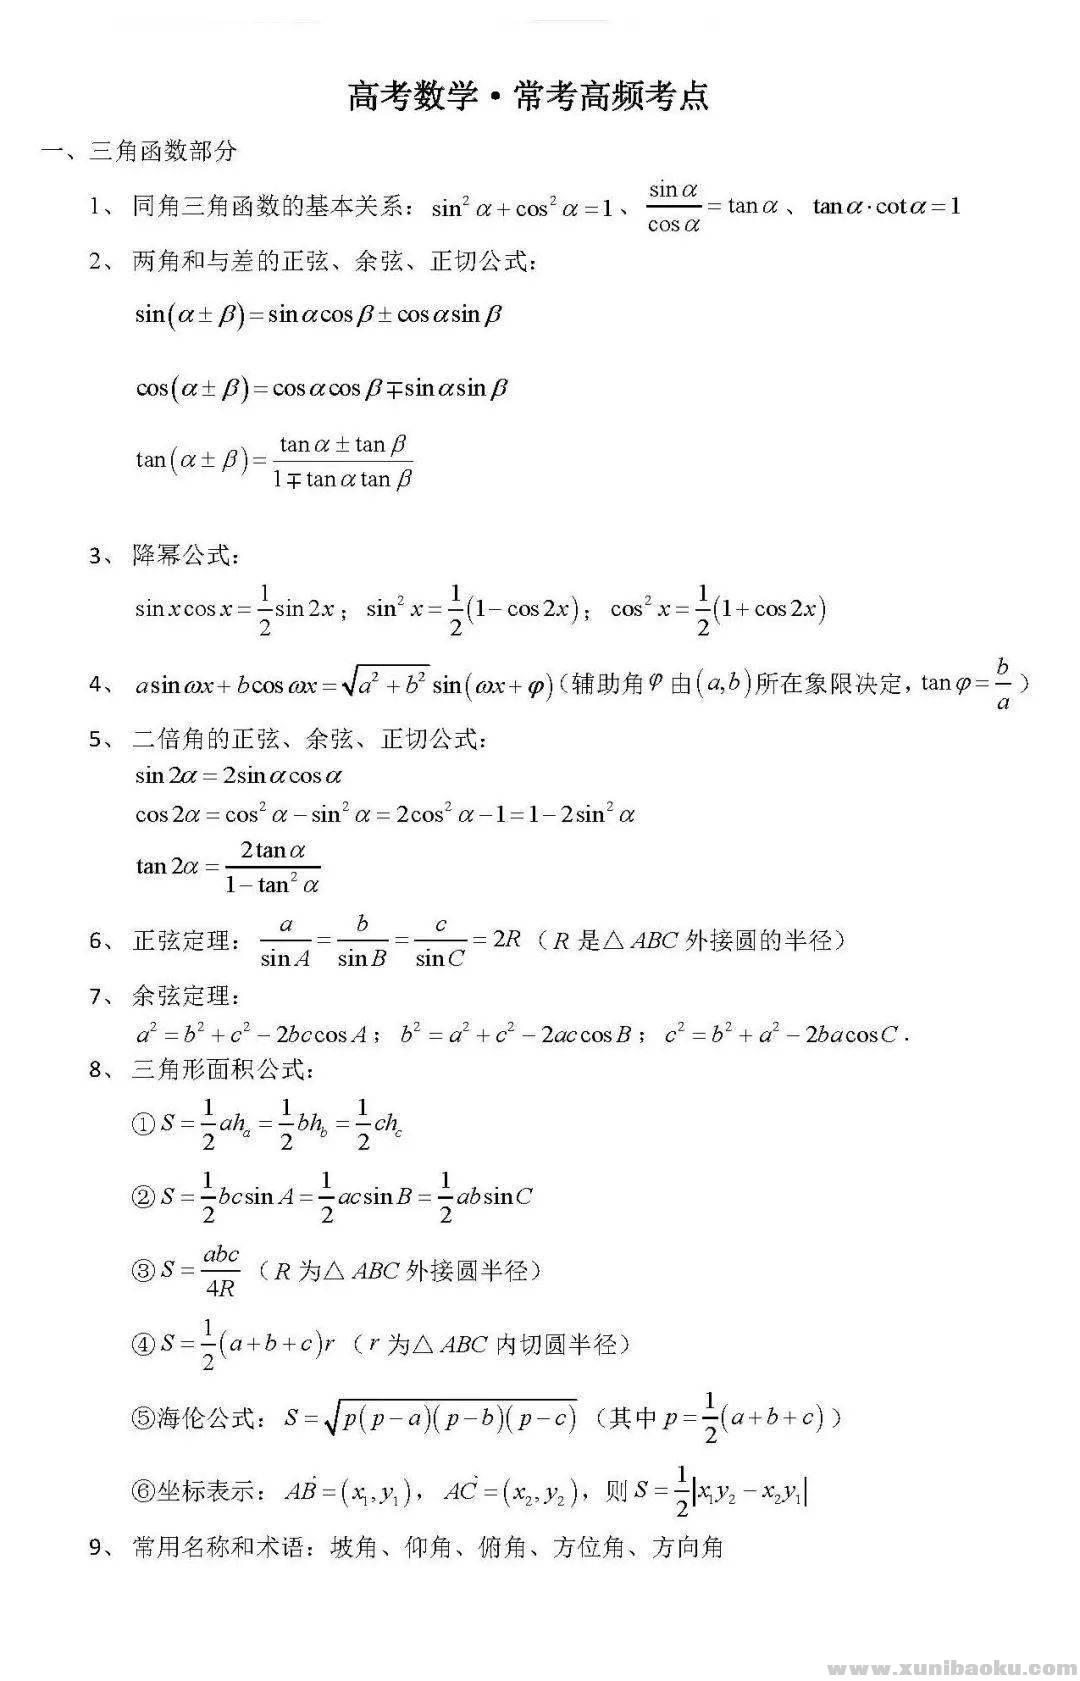 高考数学常考100个高频考点PDF文档百度网盘下载